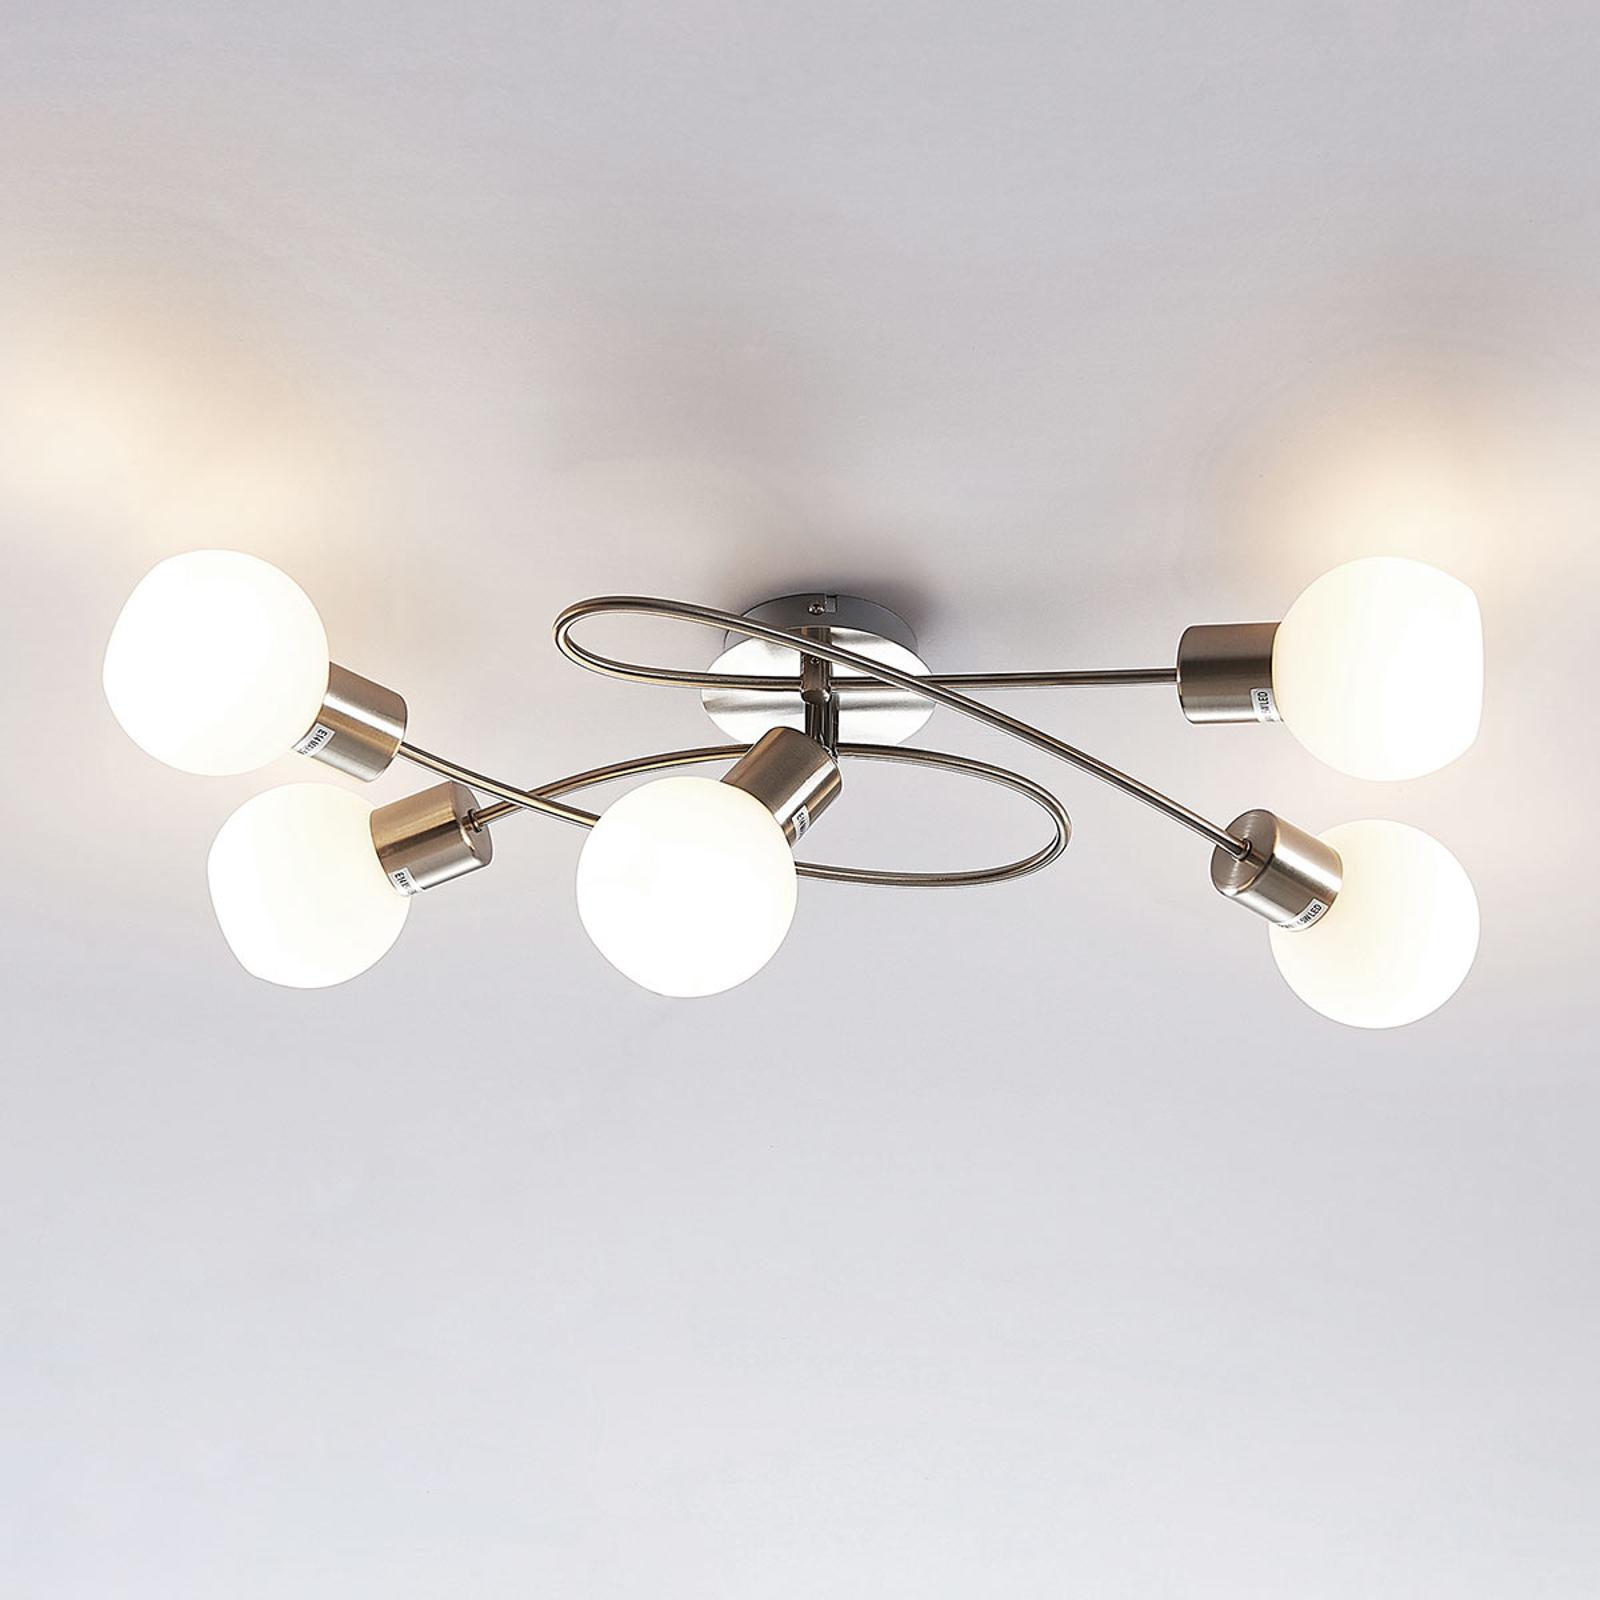 LED-Deckenleuchte Elaina 5fl länglich nickel matt